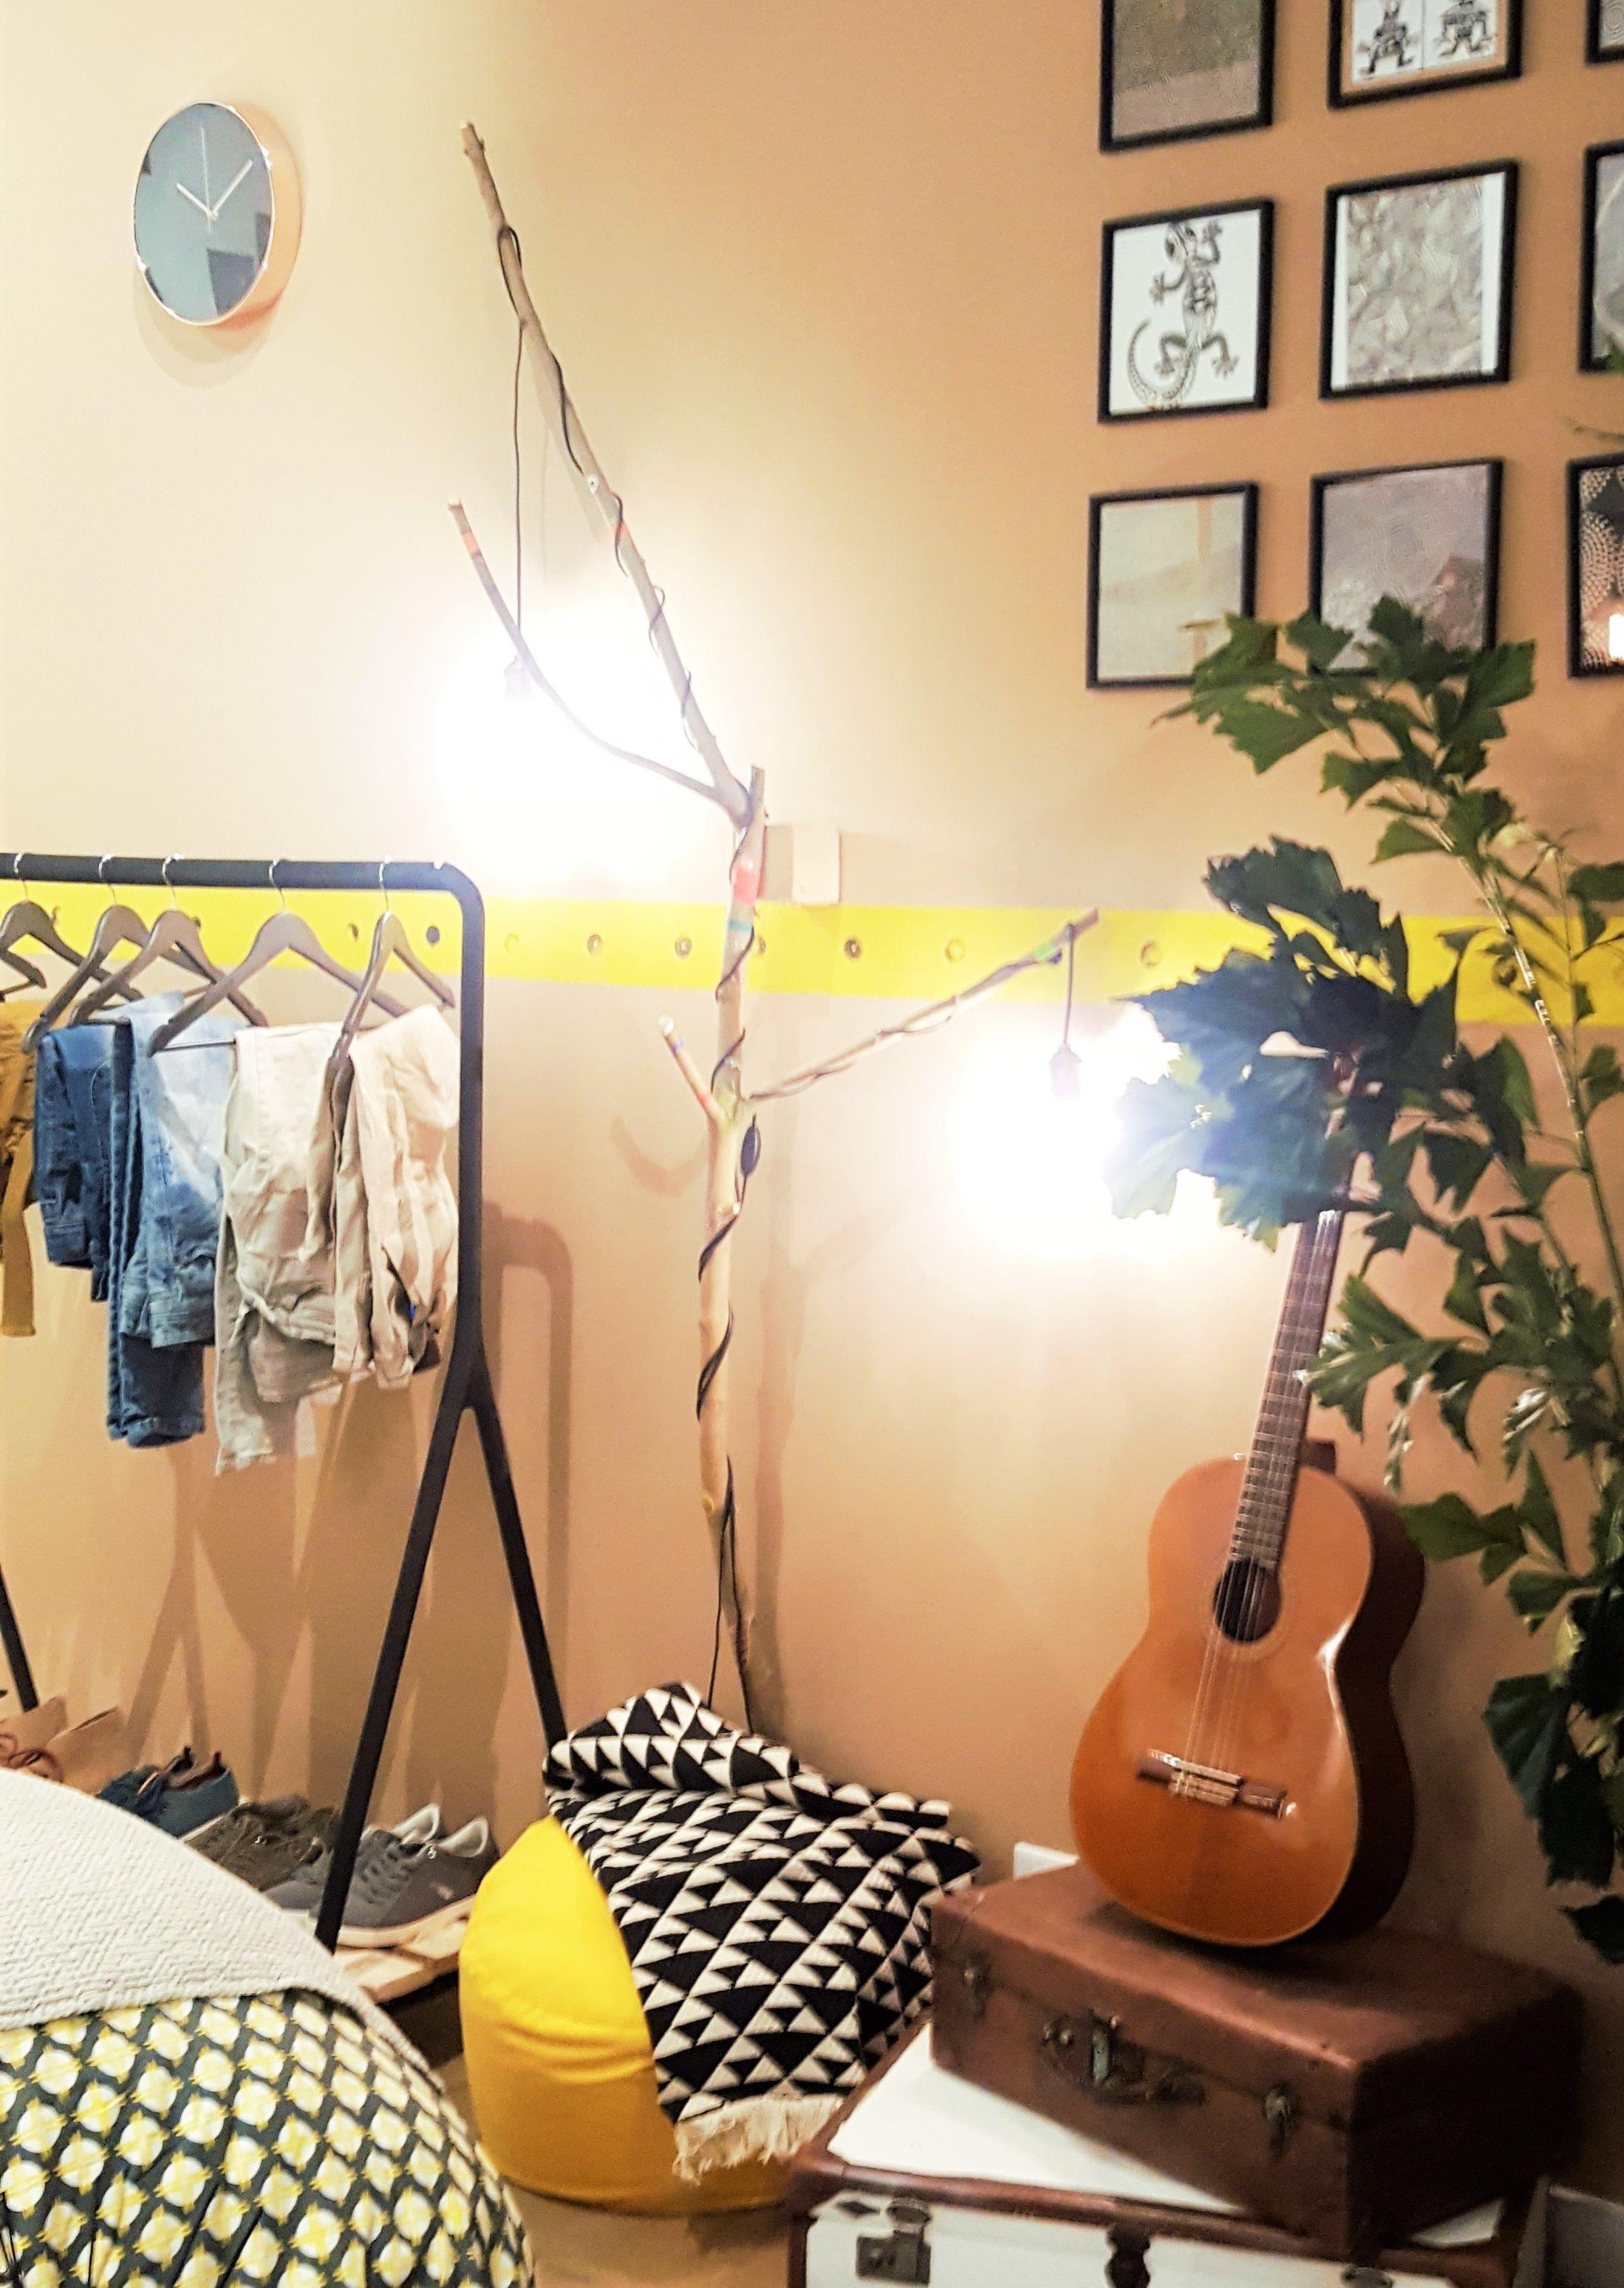 Créez votre branche d'arbre lumineuse !